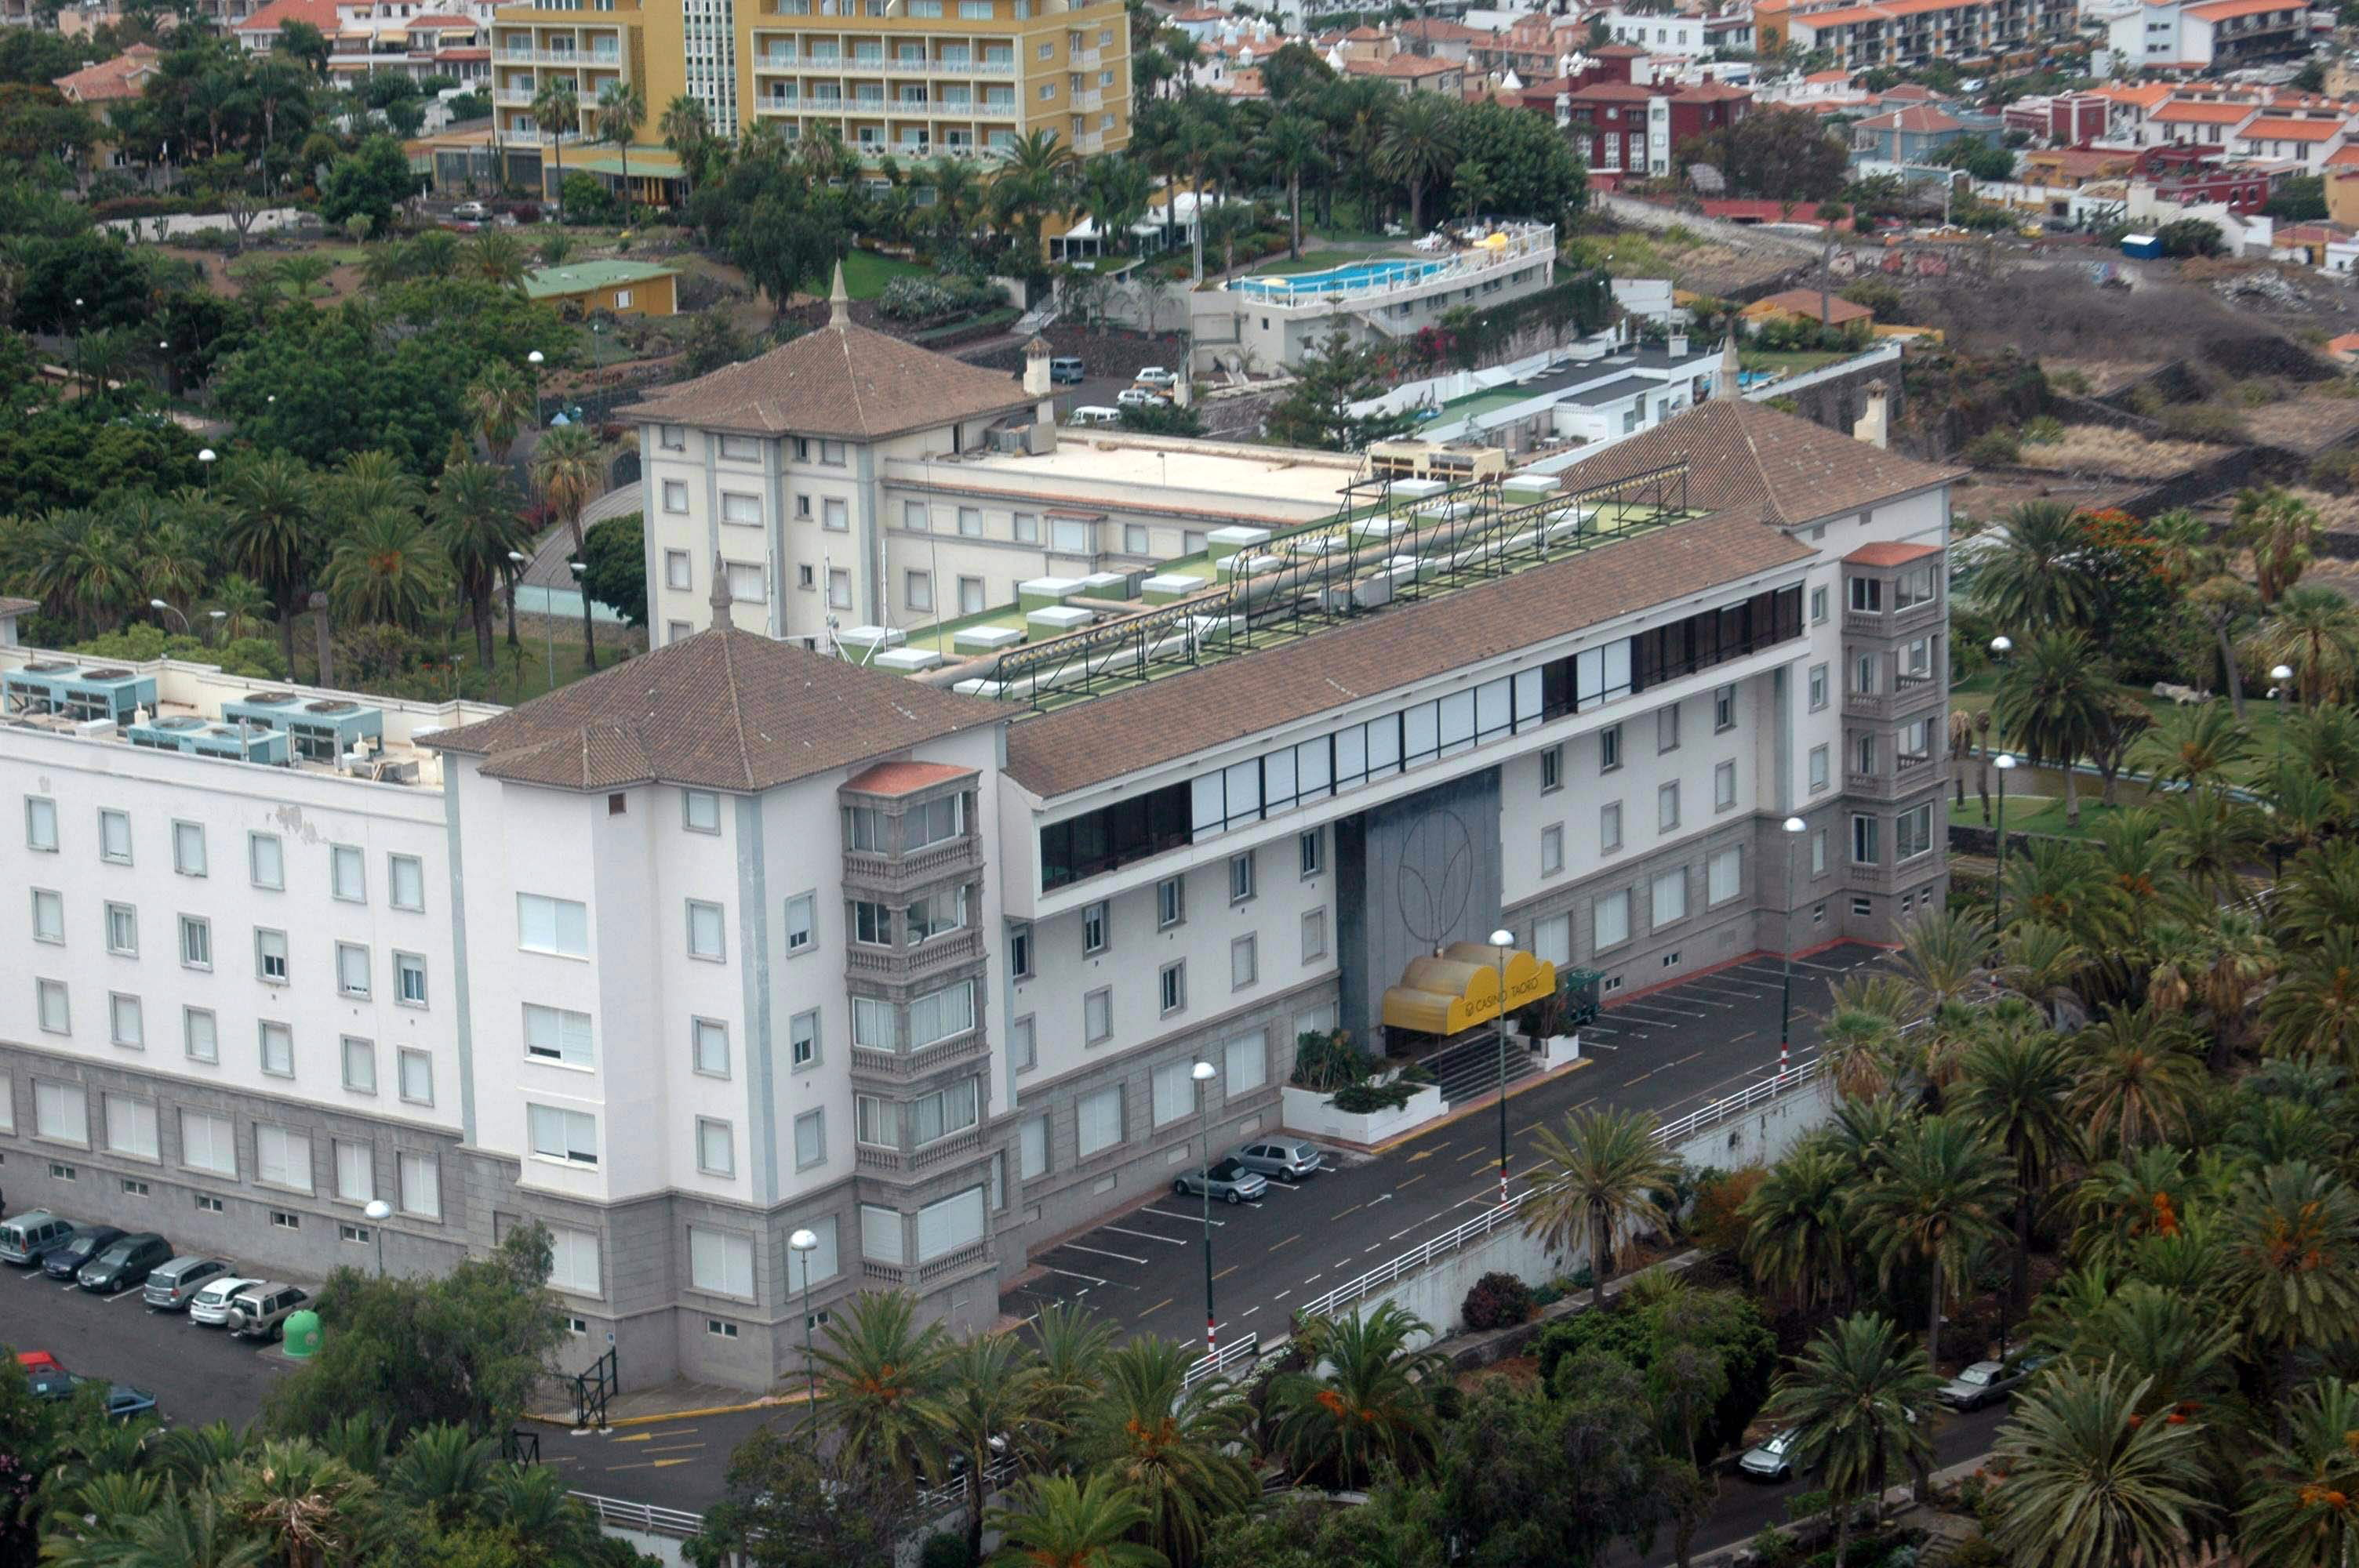 Casino taoro aqueduct racetrack casino